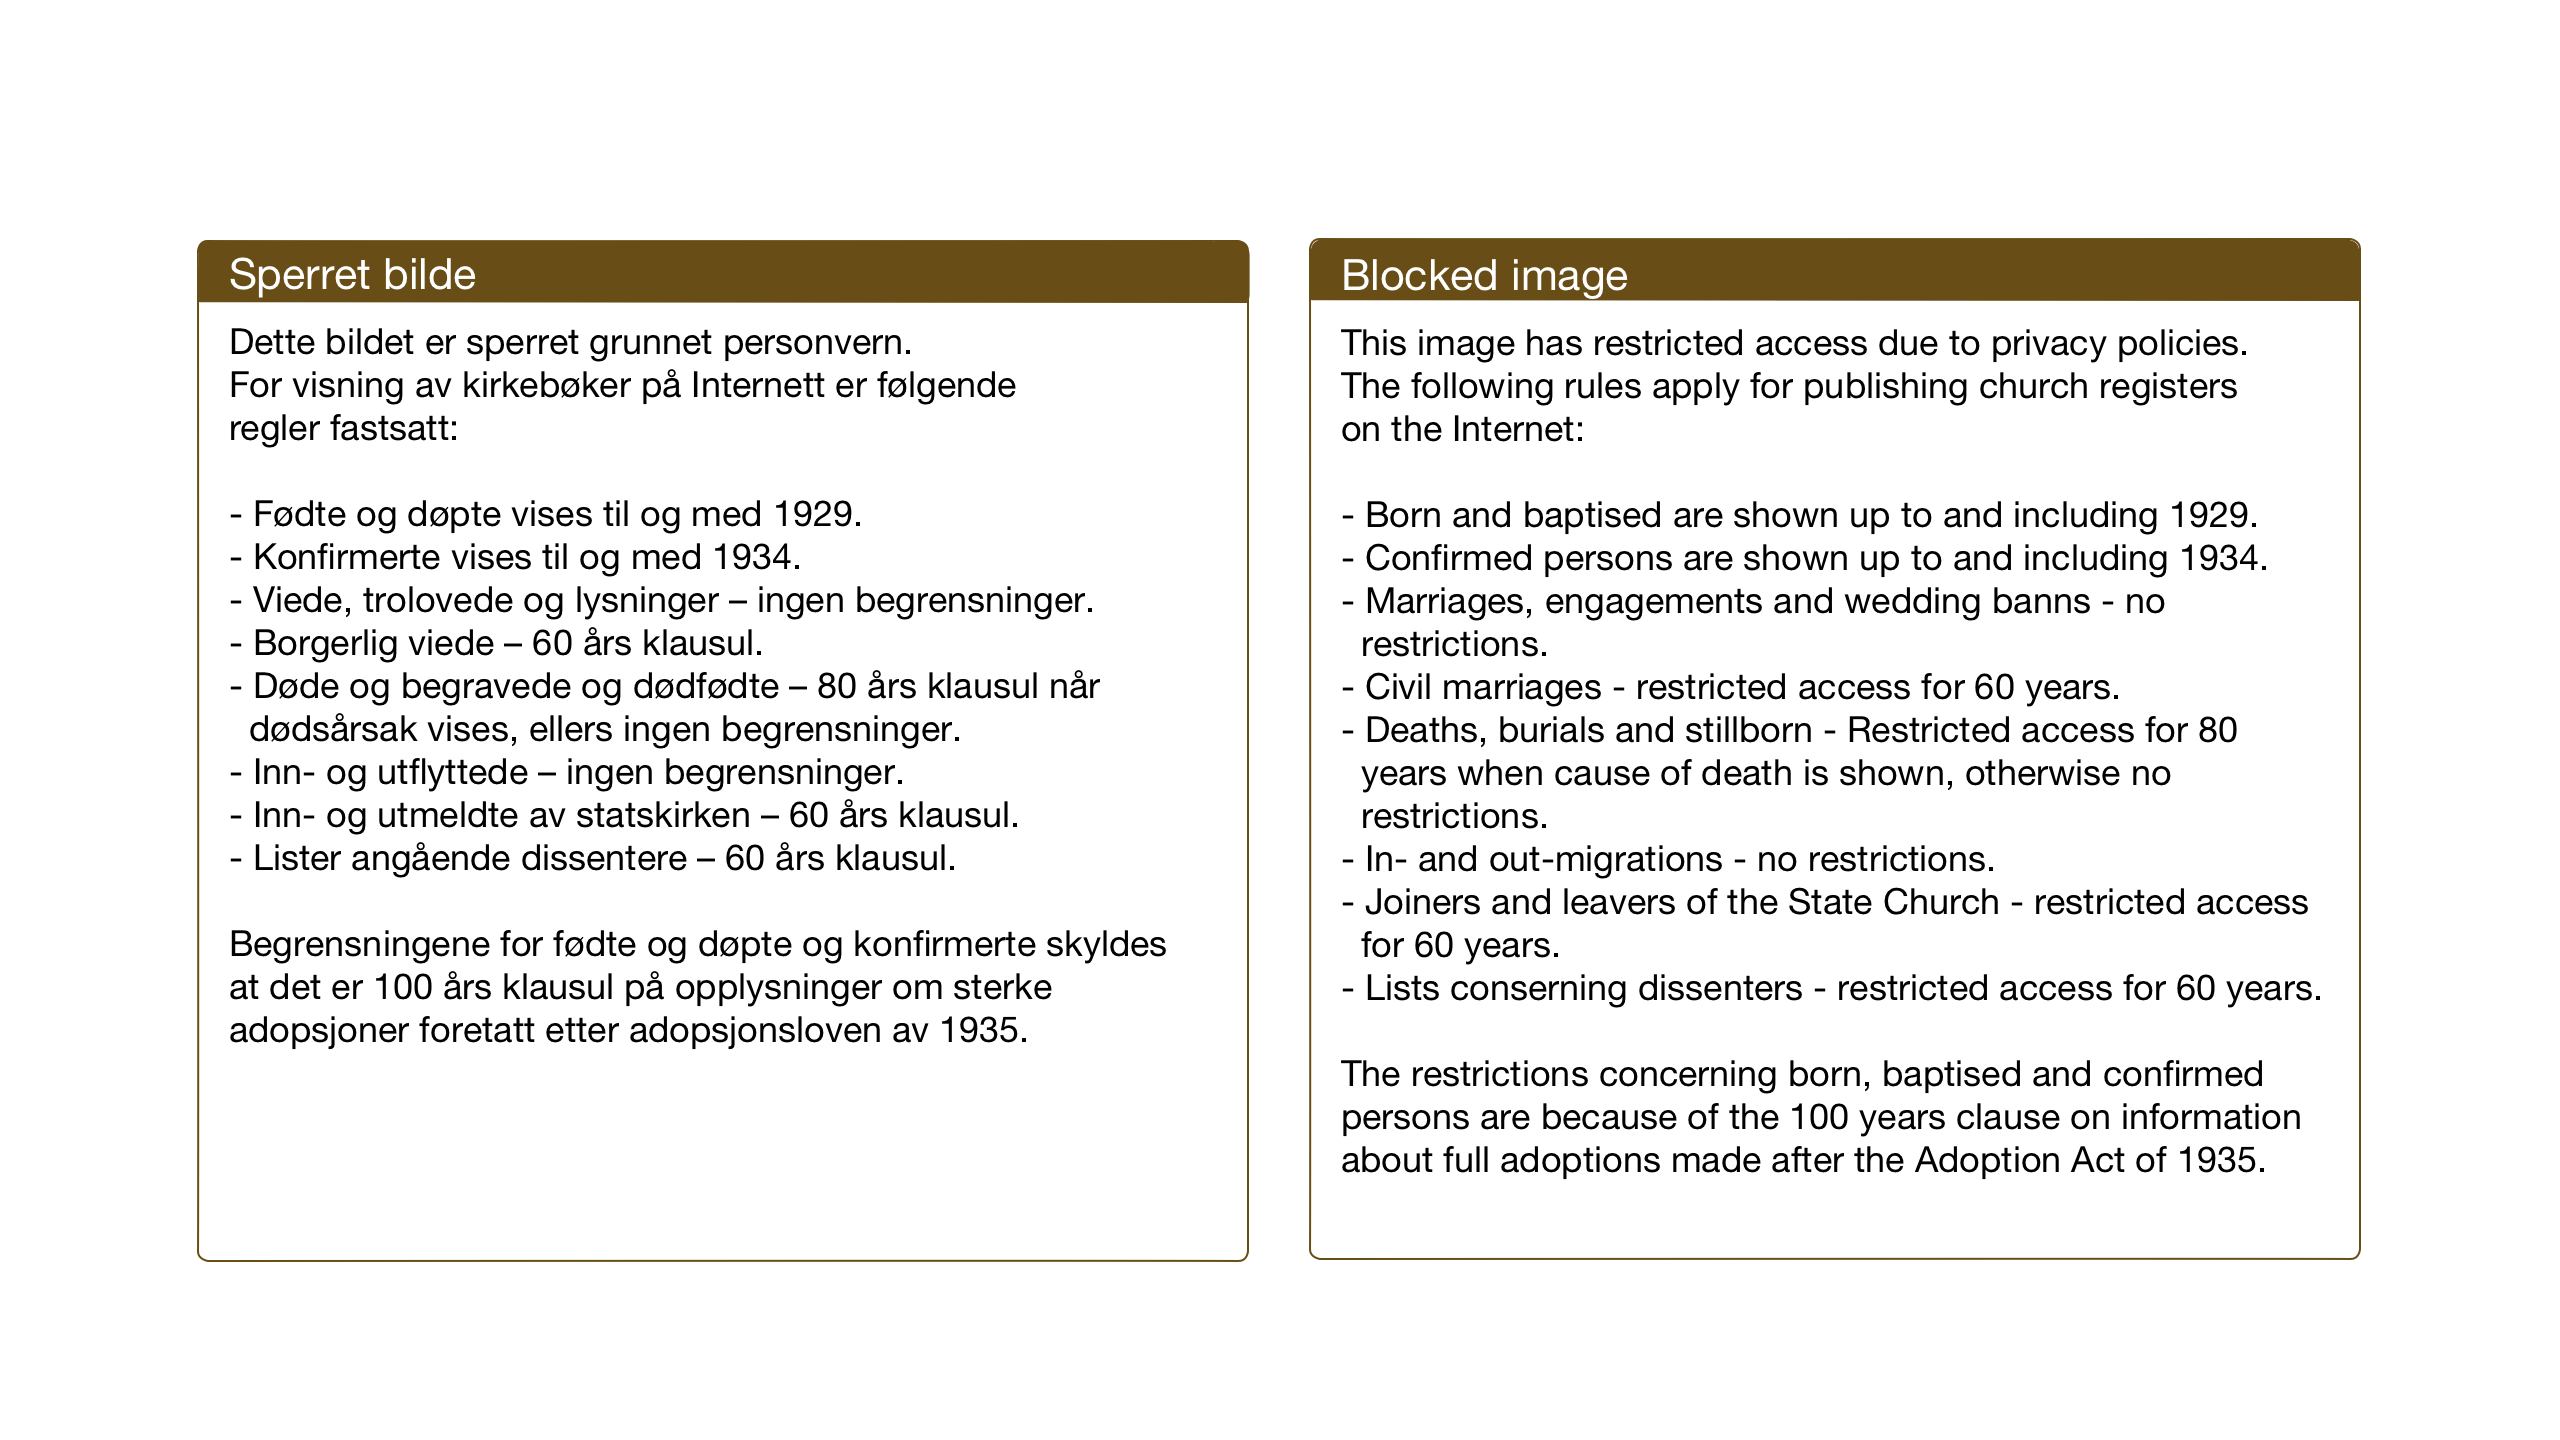 SAT, Ministerialprotokoller, klokkerbøker og fødselsregistre - Sør-Trøndelag, 674/L0878: Klokkerbok nr. 674C05, 1941-1950, s. 79